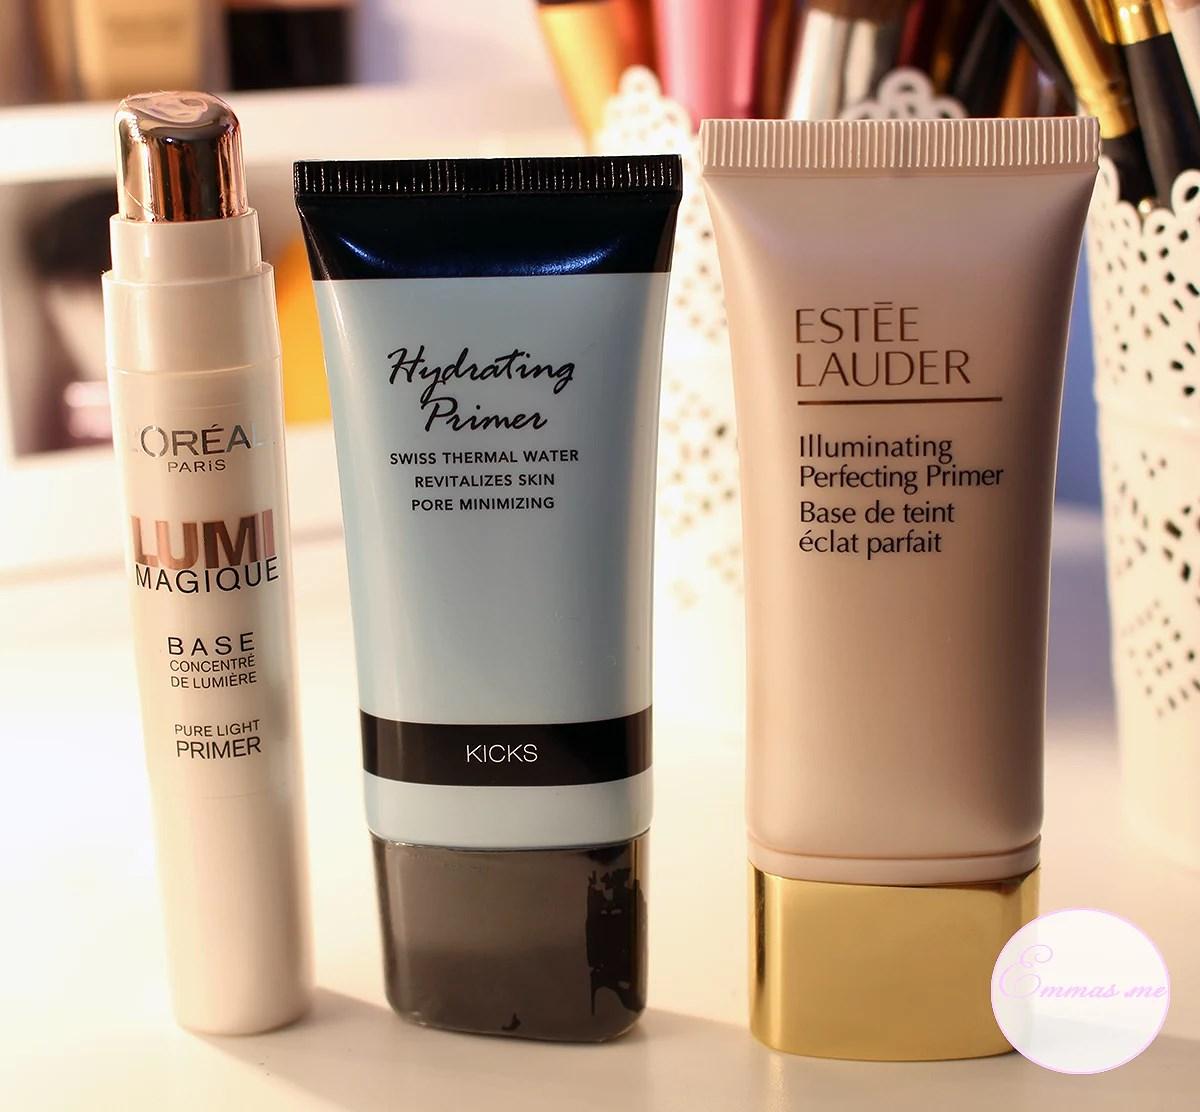 bästa primern för torr hud